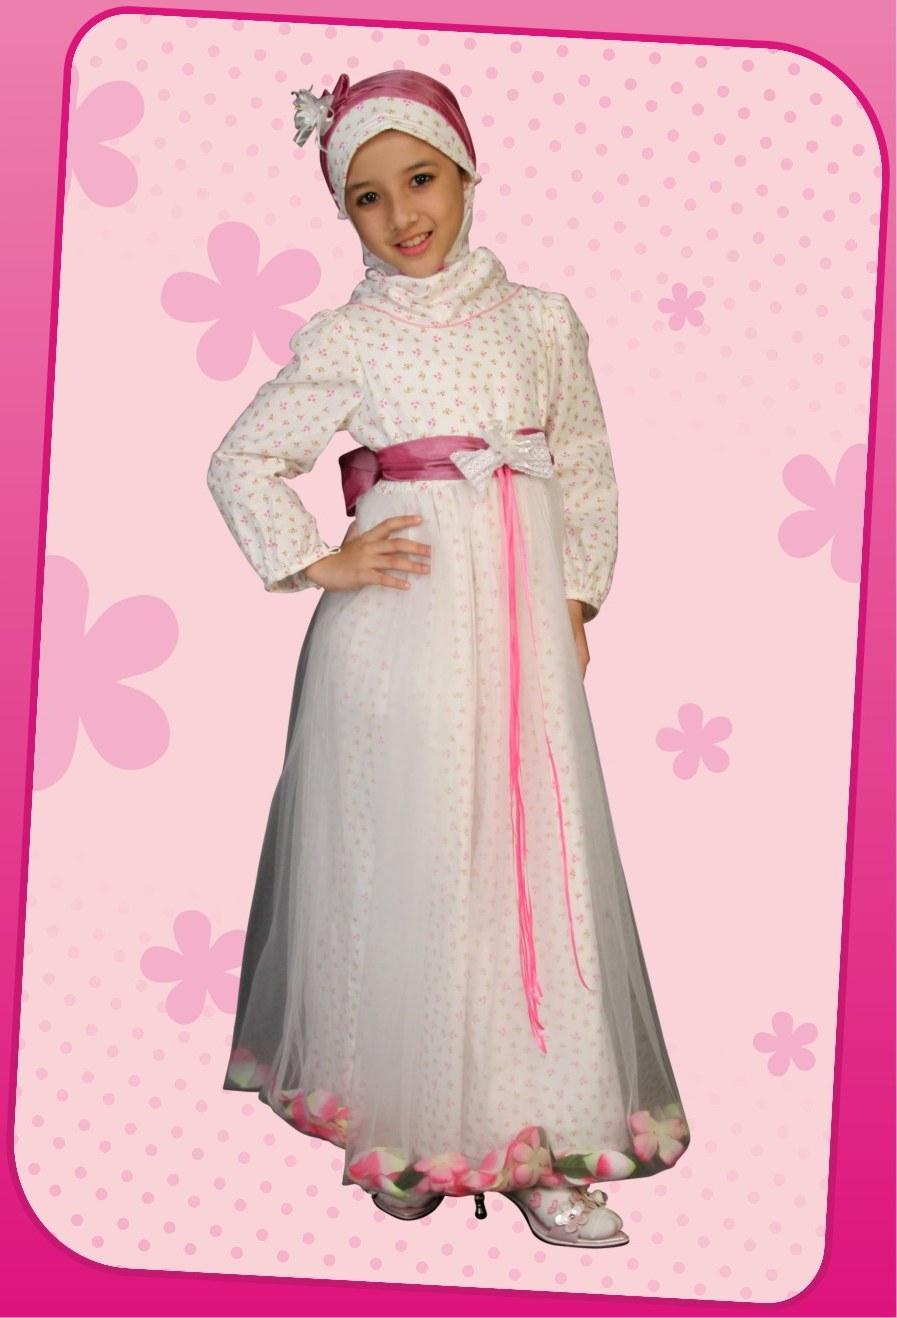 Ide Baju Lebaran Anak Muslim 3ldq Be Happy Young Mother Busana Muslim 3 Koleksi Lebaran 2010